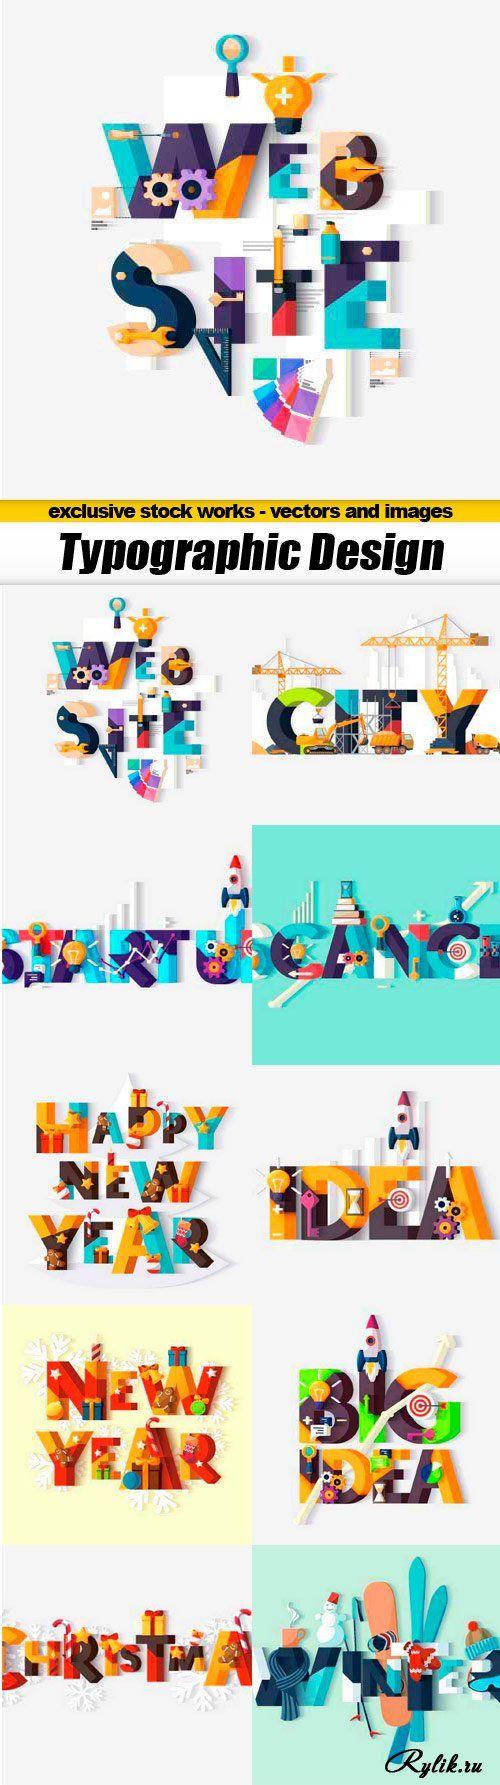 Типографский дизайн букв вектор. Typographic Design